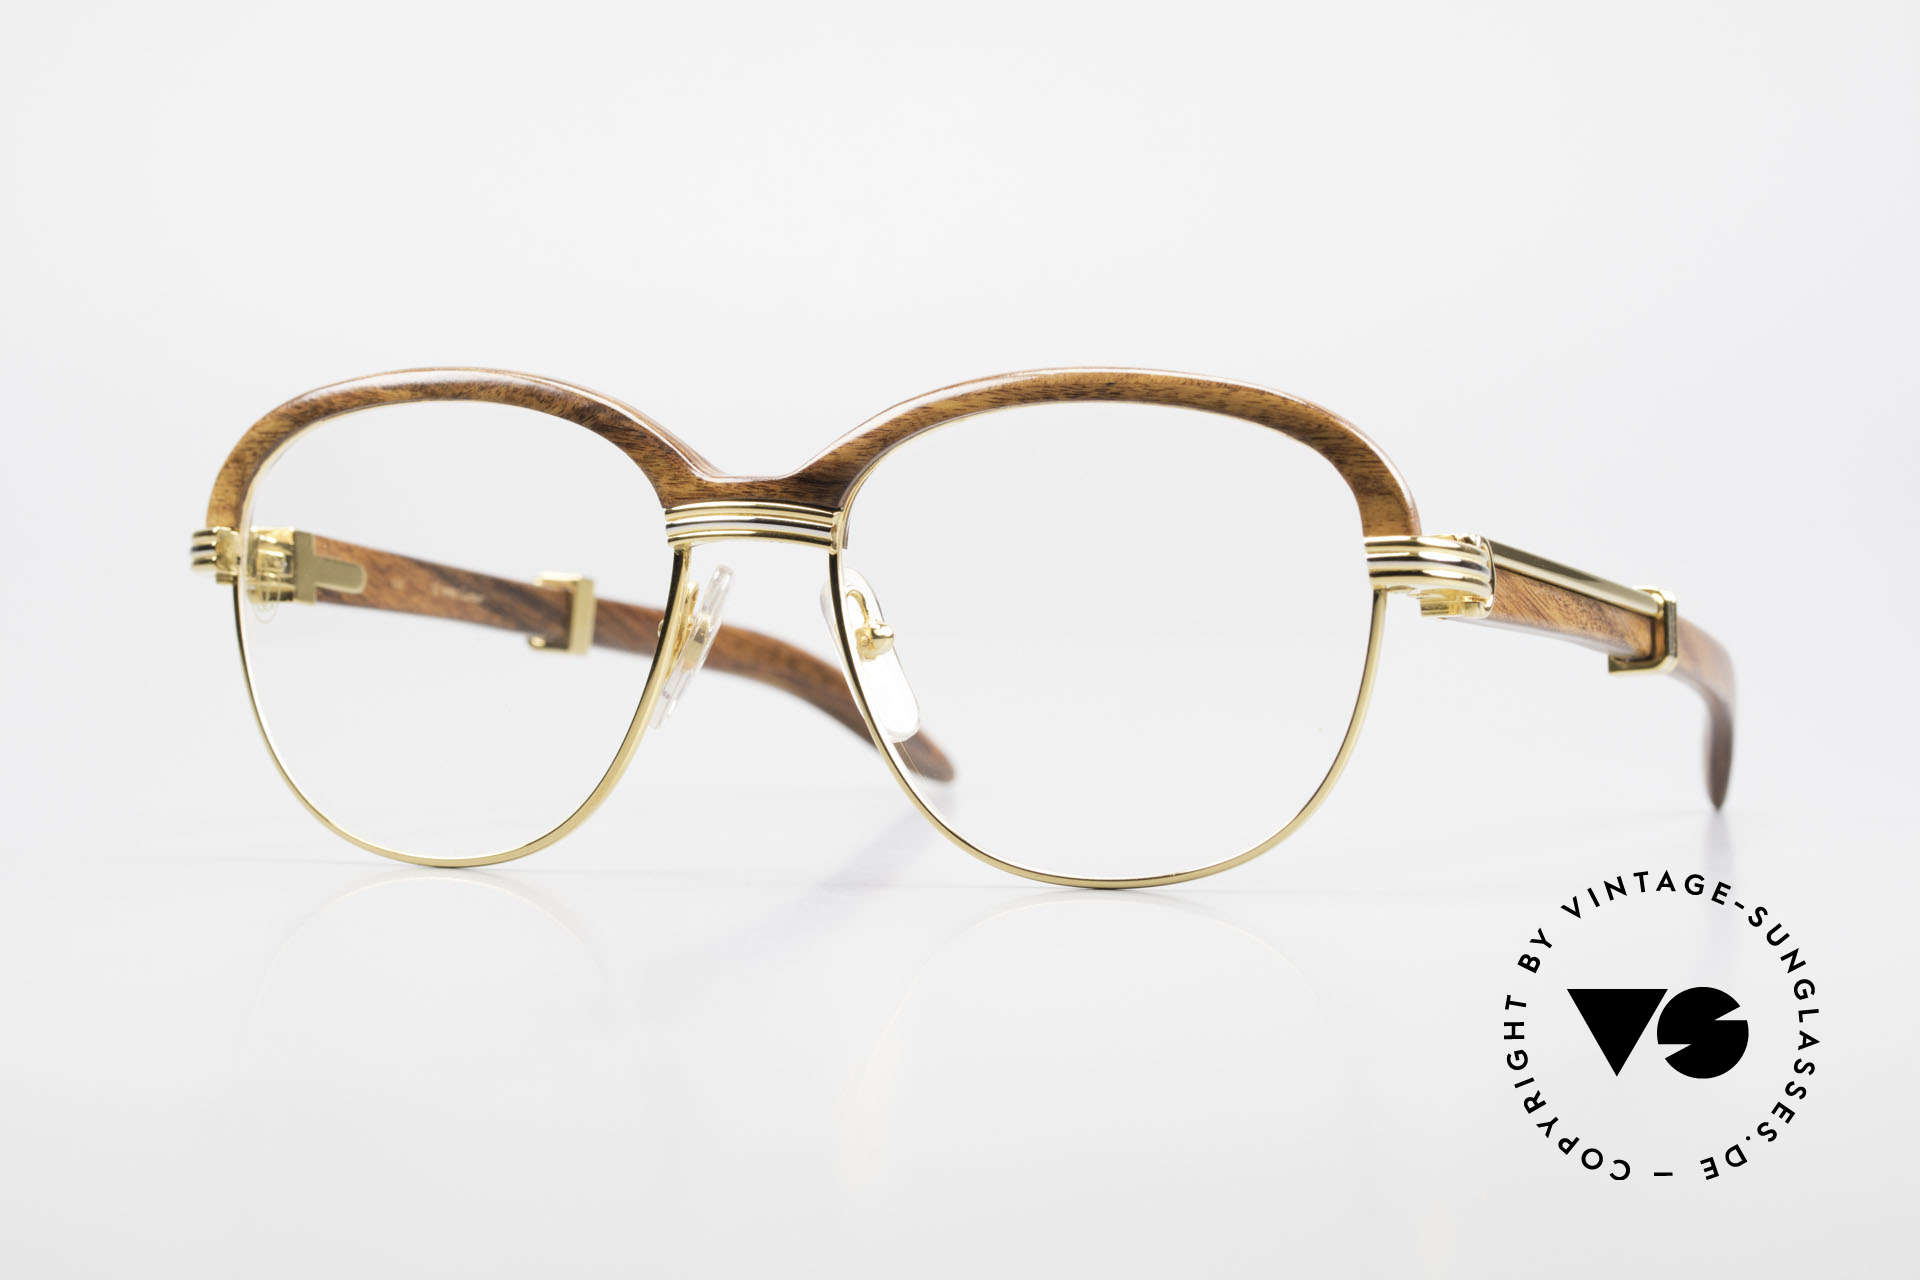 Cartier Malmaison Diego A. Maradona Holzbrille, Cartier Holzbrille, Promibrille und Luxusbrille, Passend für Herren und Damen